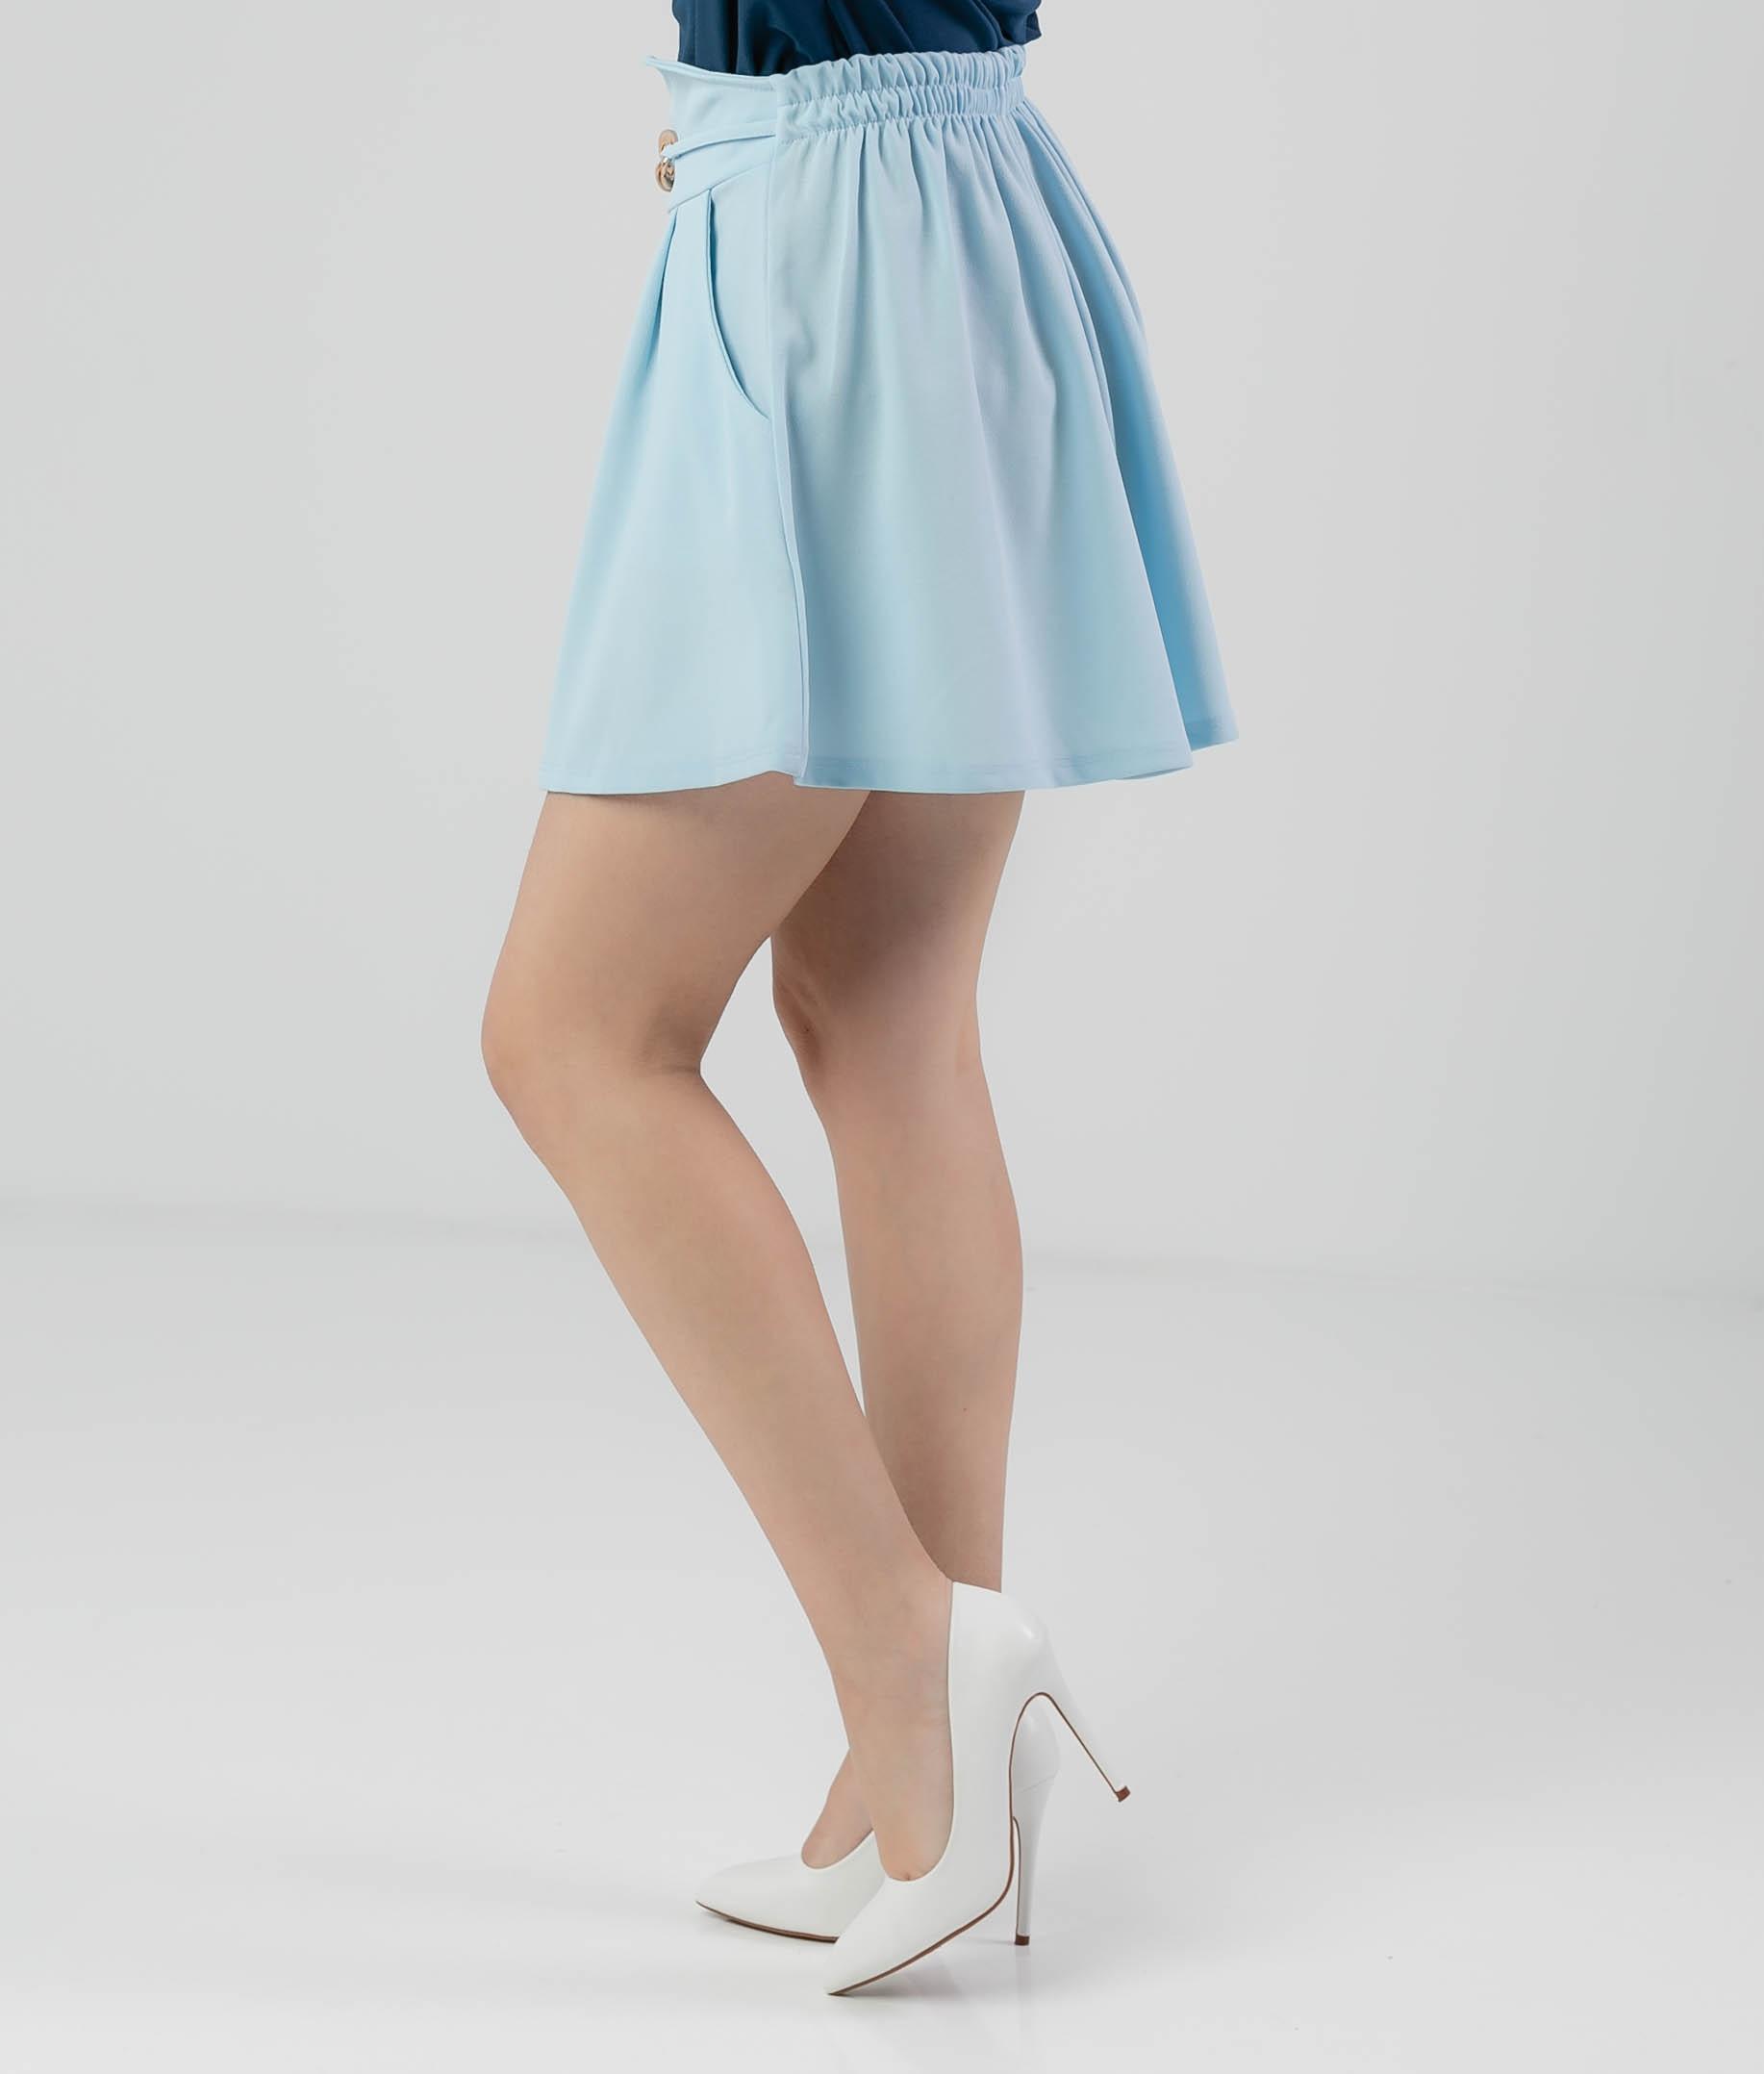 SHORT NIBICUS - BLUE